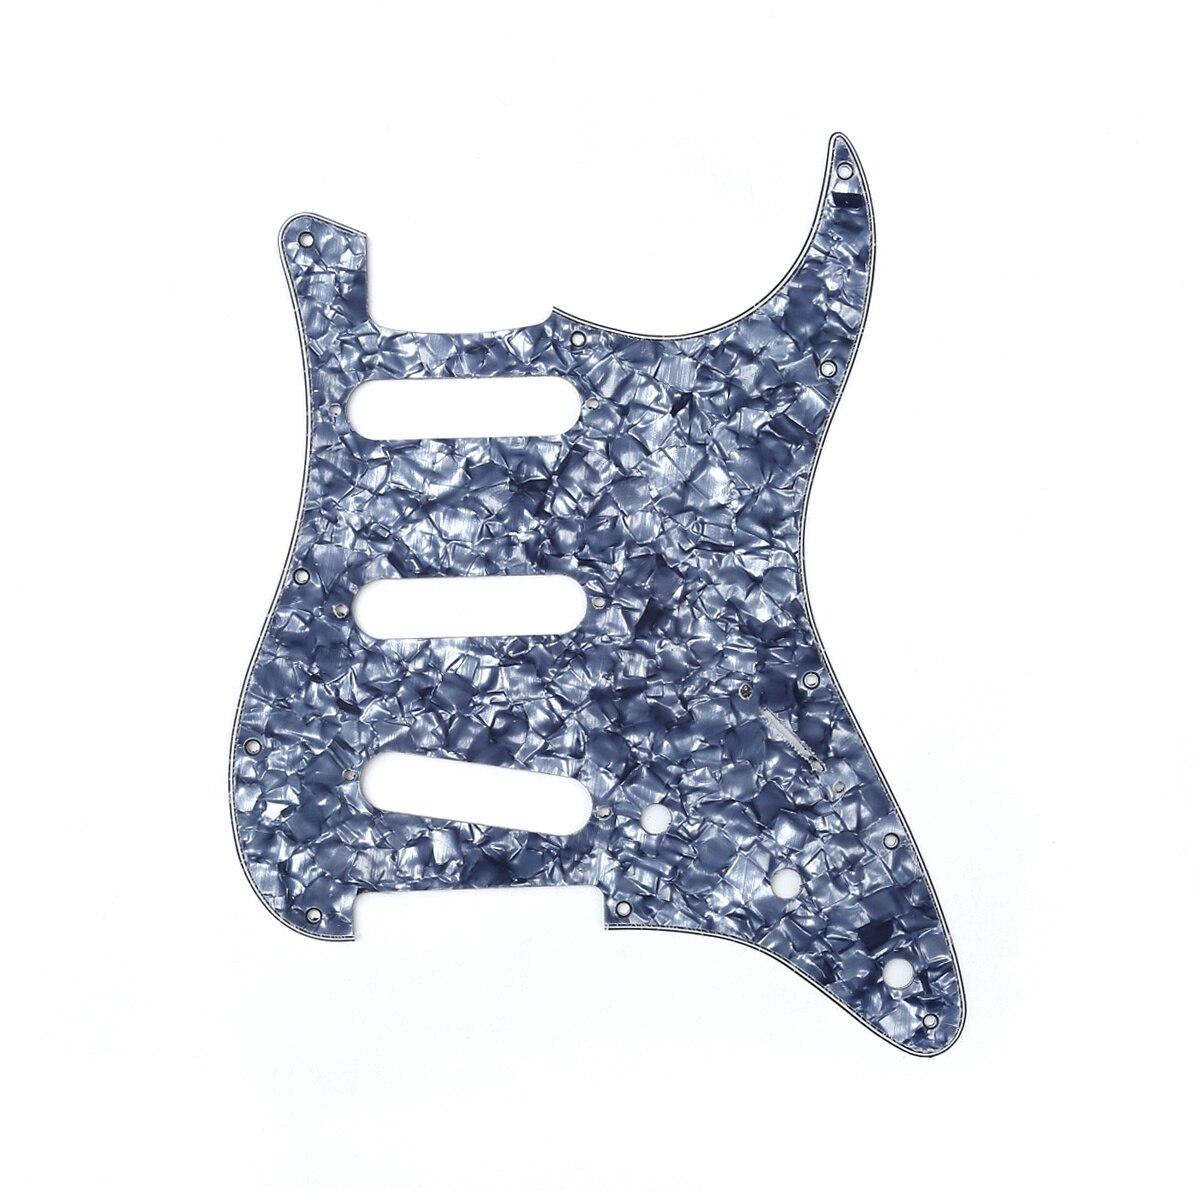 Musiclili SSS 11 Hole Strat Guitar Pickguard para Fender USA/estilo estratocaster estándar...